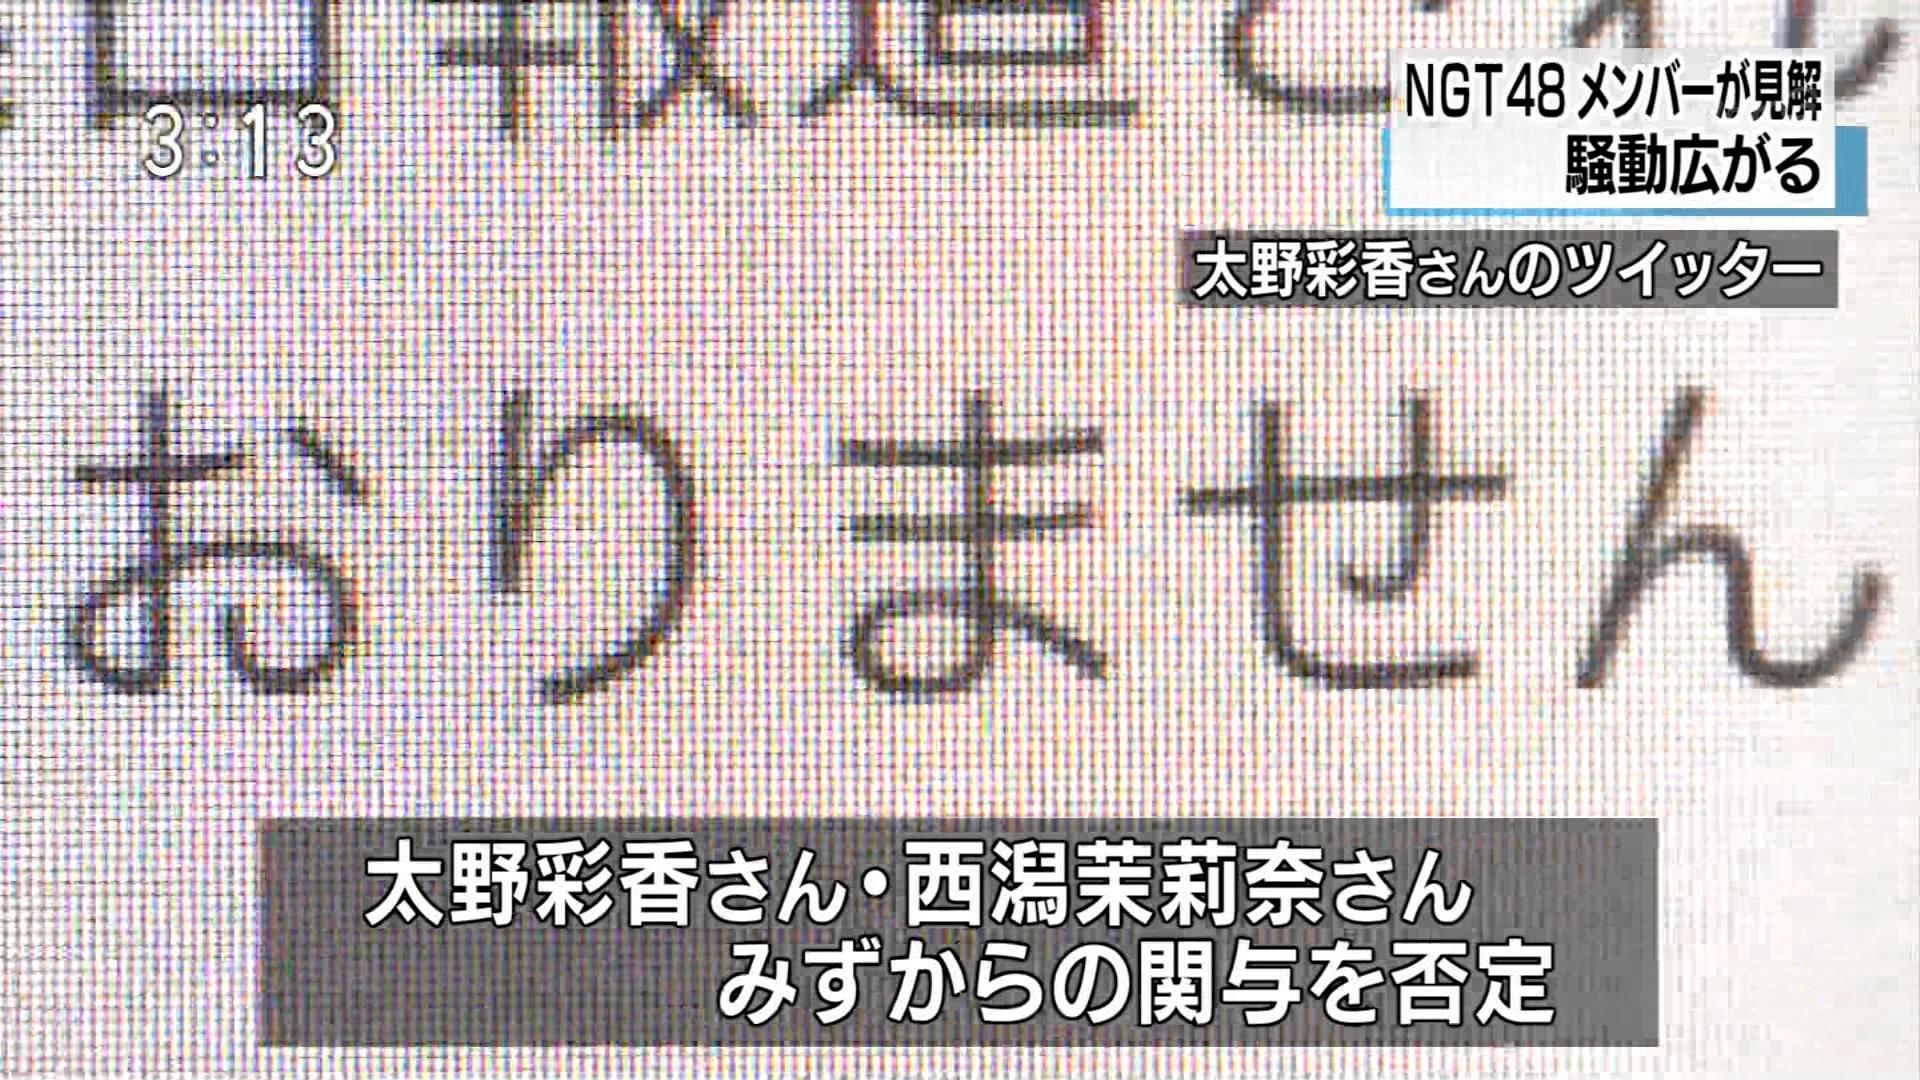 NGT48山口真帆さんが配信にて『殺されてたら…』 運営はメンバー関与を認めるも、被害者が謝罪★888 ->画像>126枚